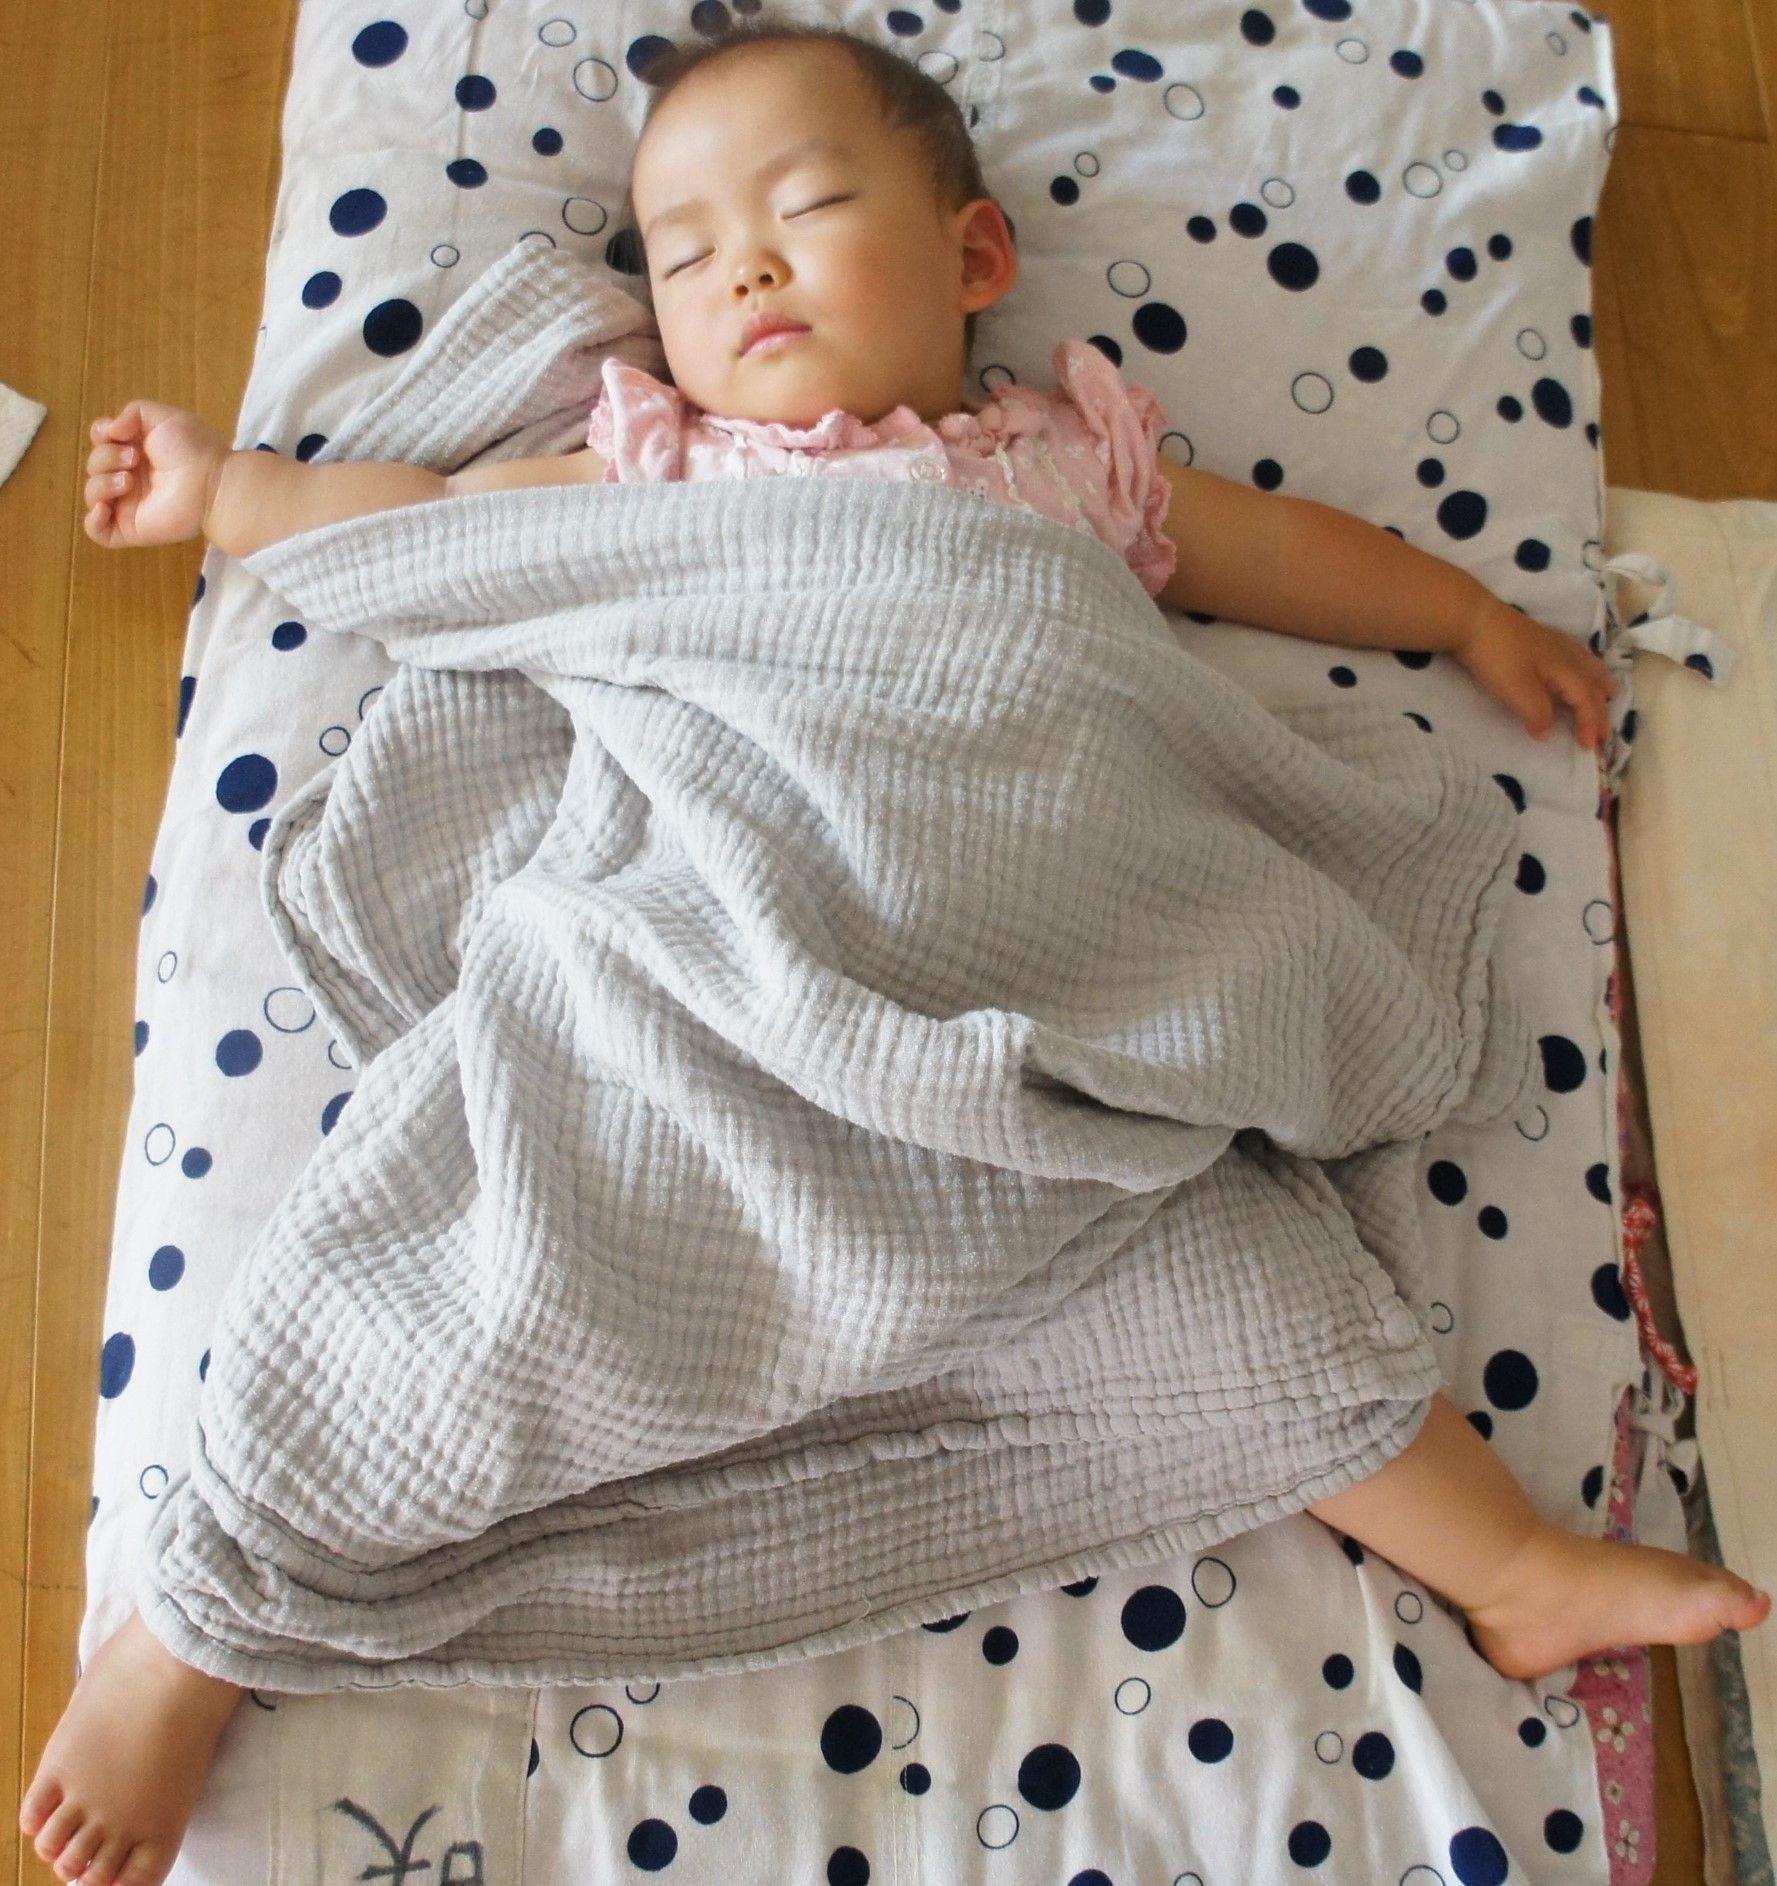 【睡眠】③眠りのコツ(安心して眠る)